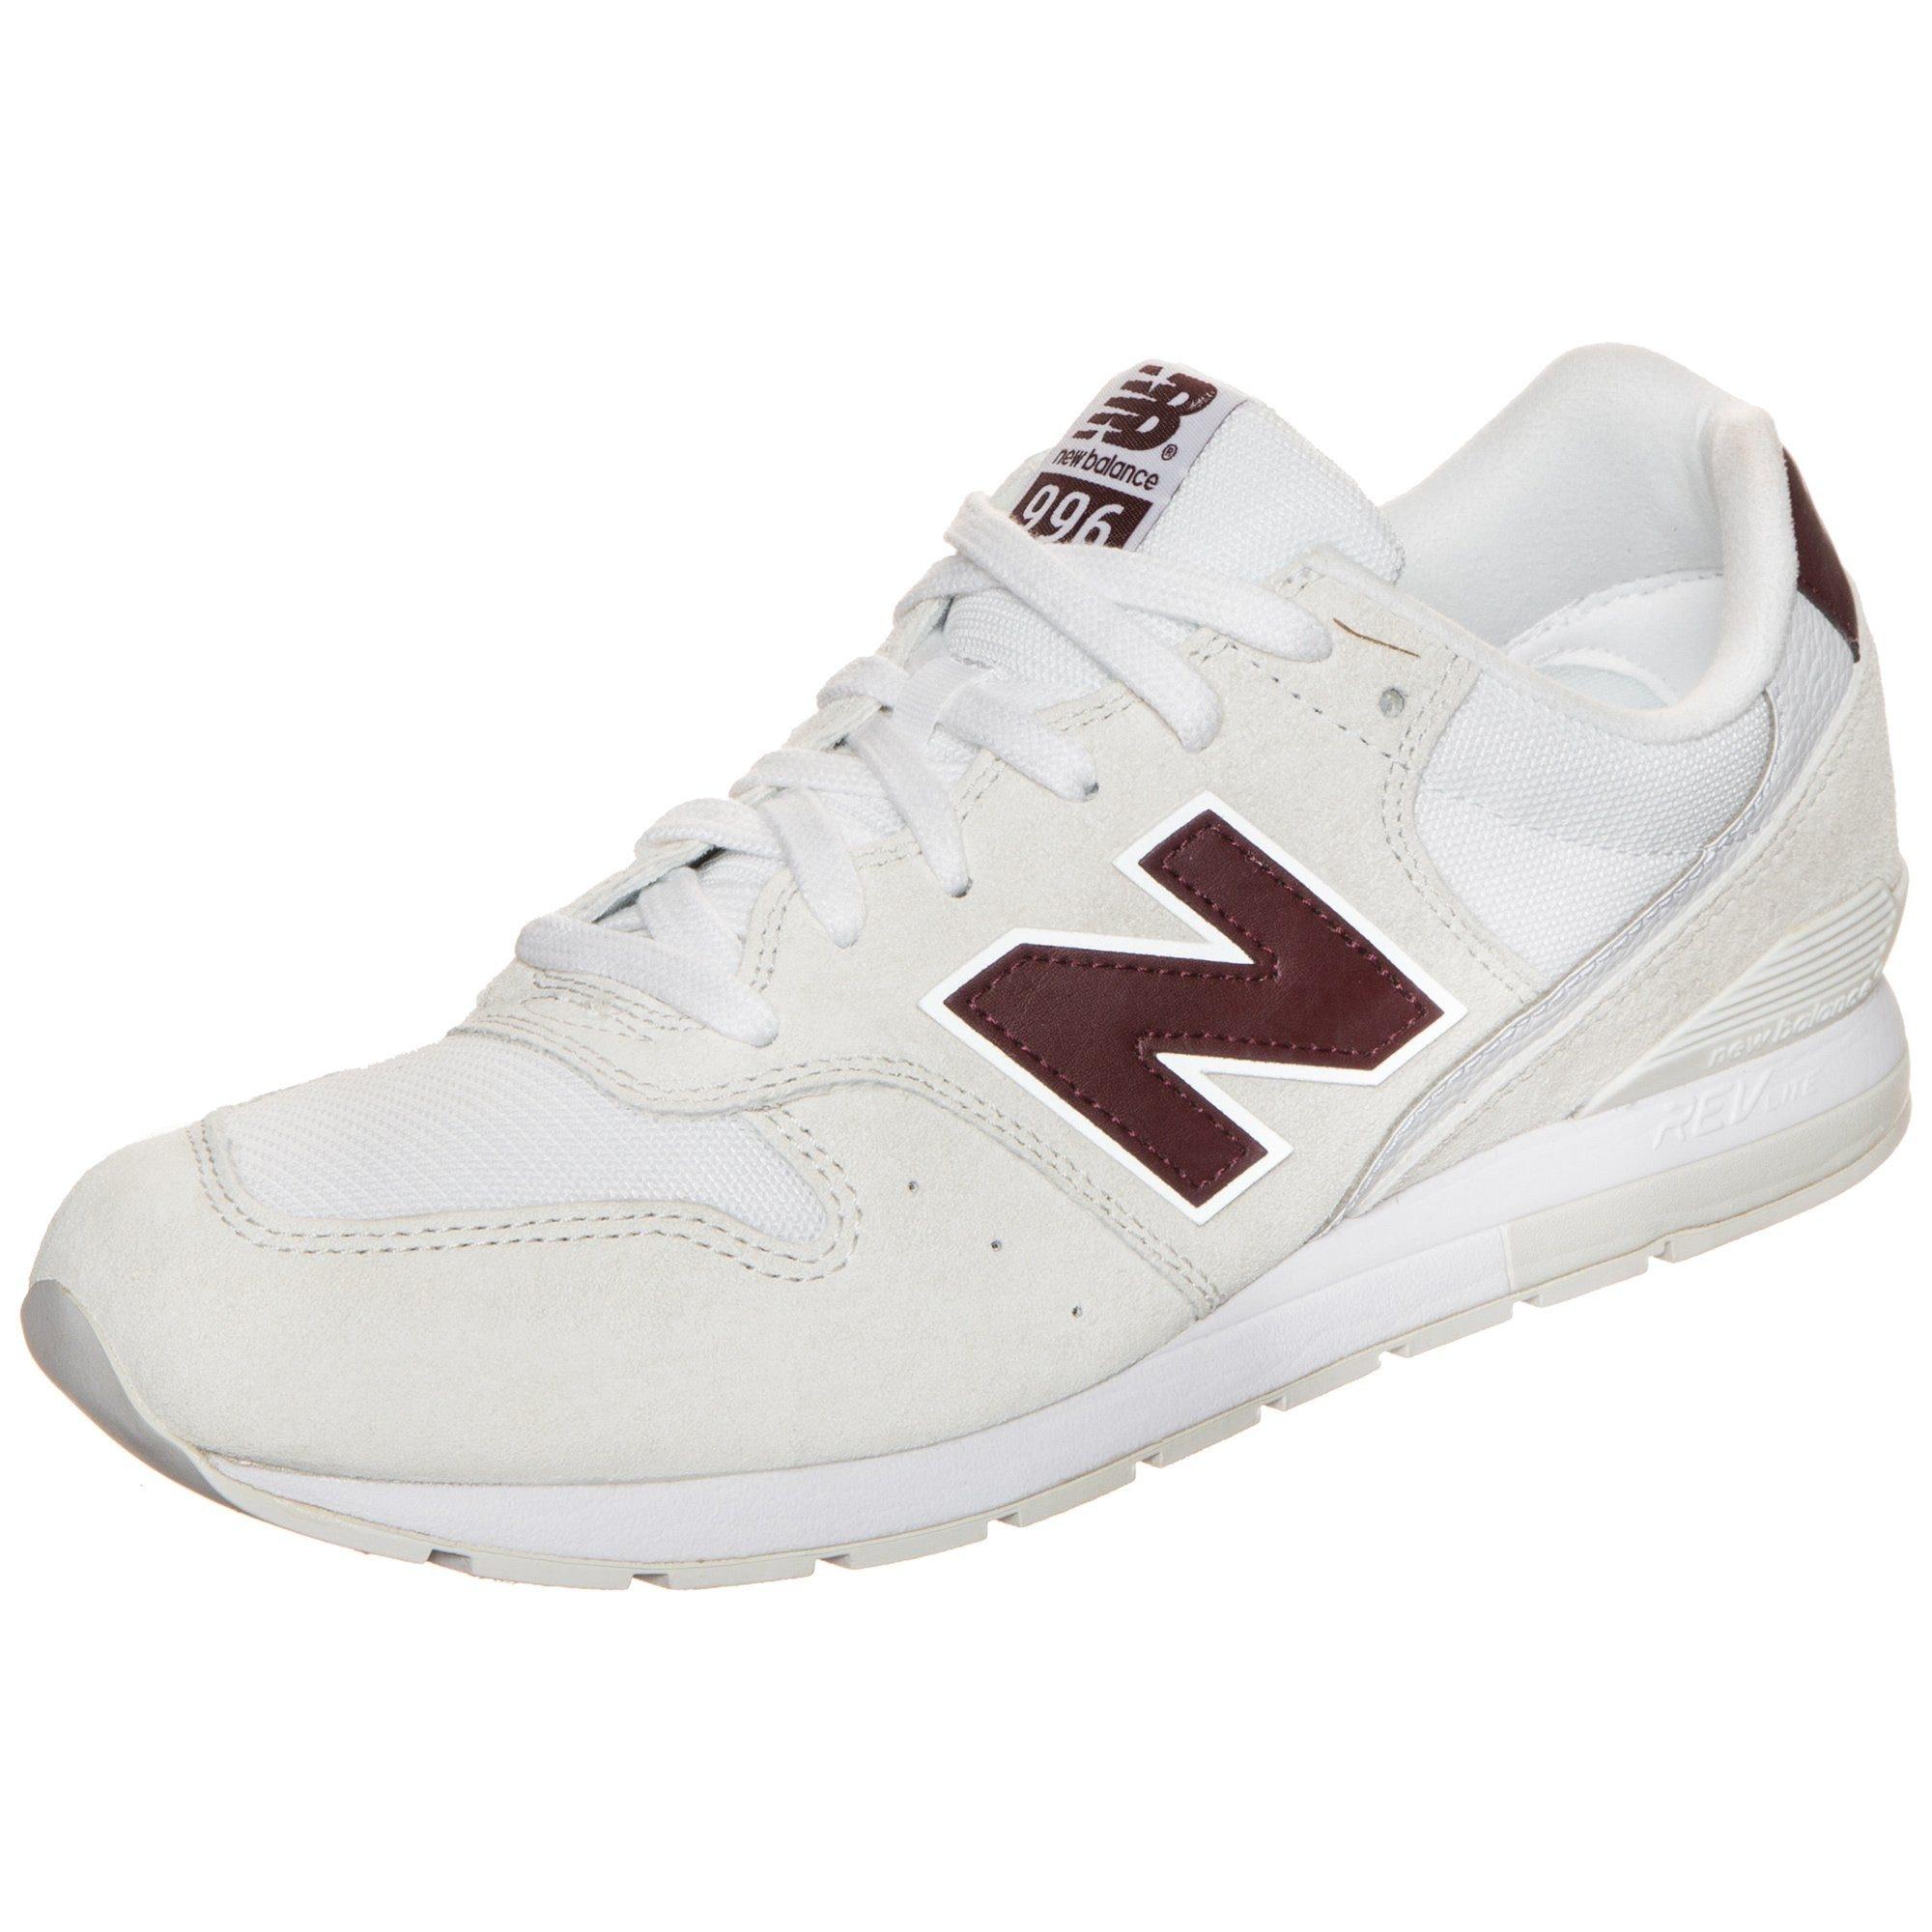 New New New Balance MRL996-JM-D Sneaker gnstig kaufen   Gutes Preis-Leistungs-Verhältnis, es lohnt sich 8fef8d